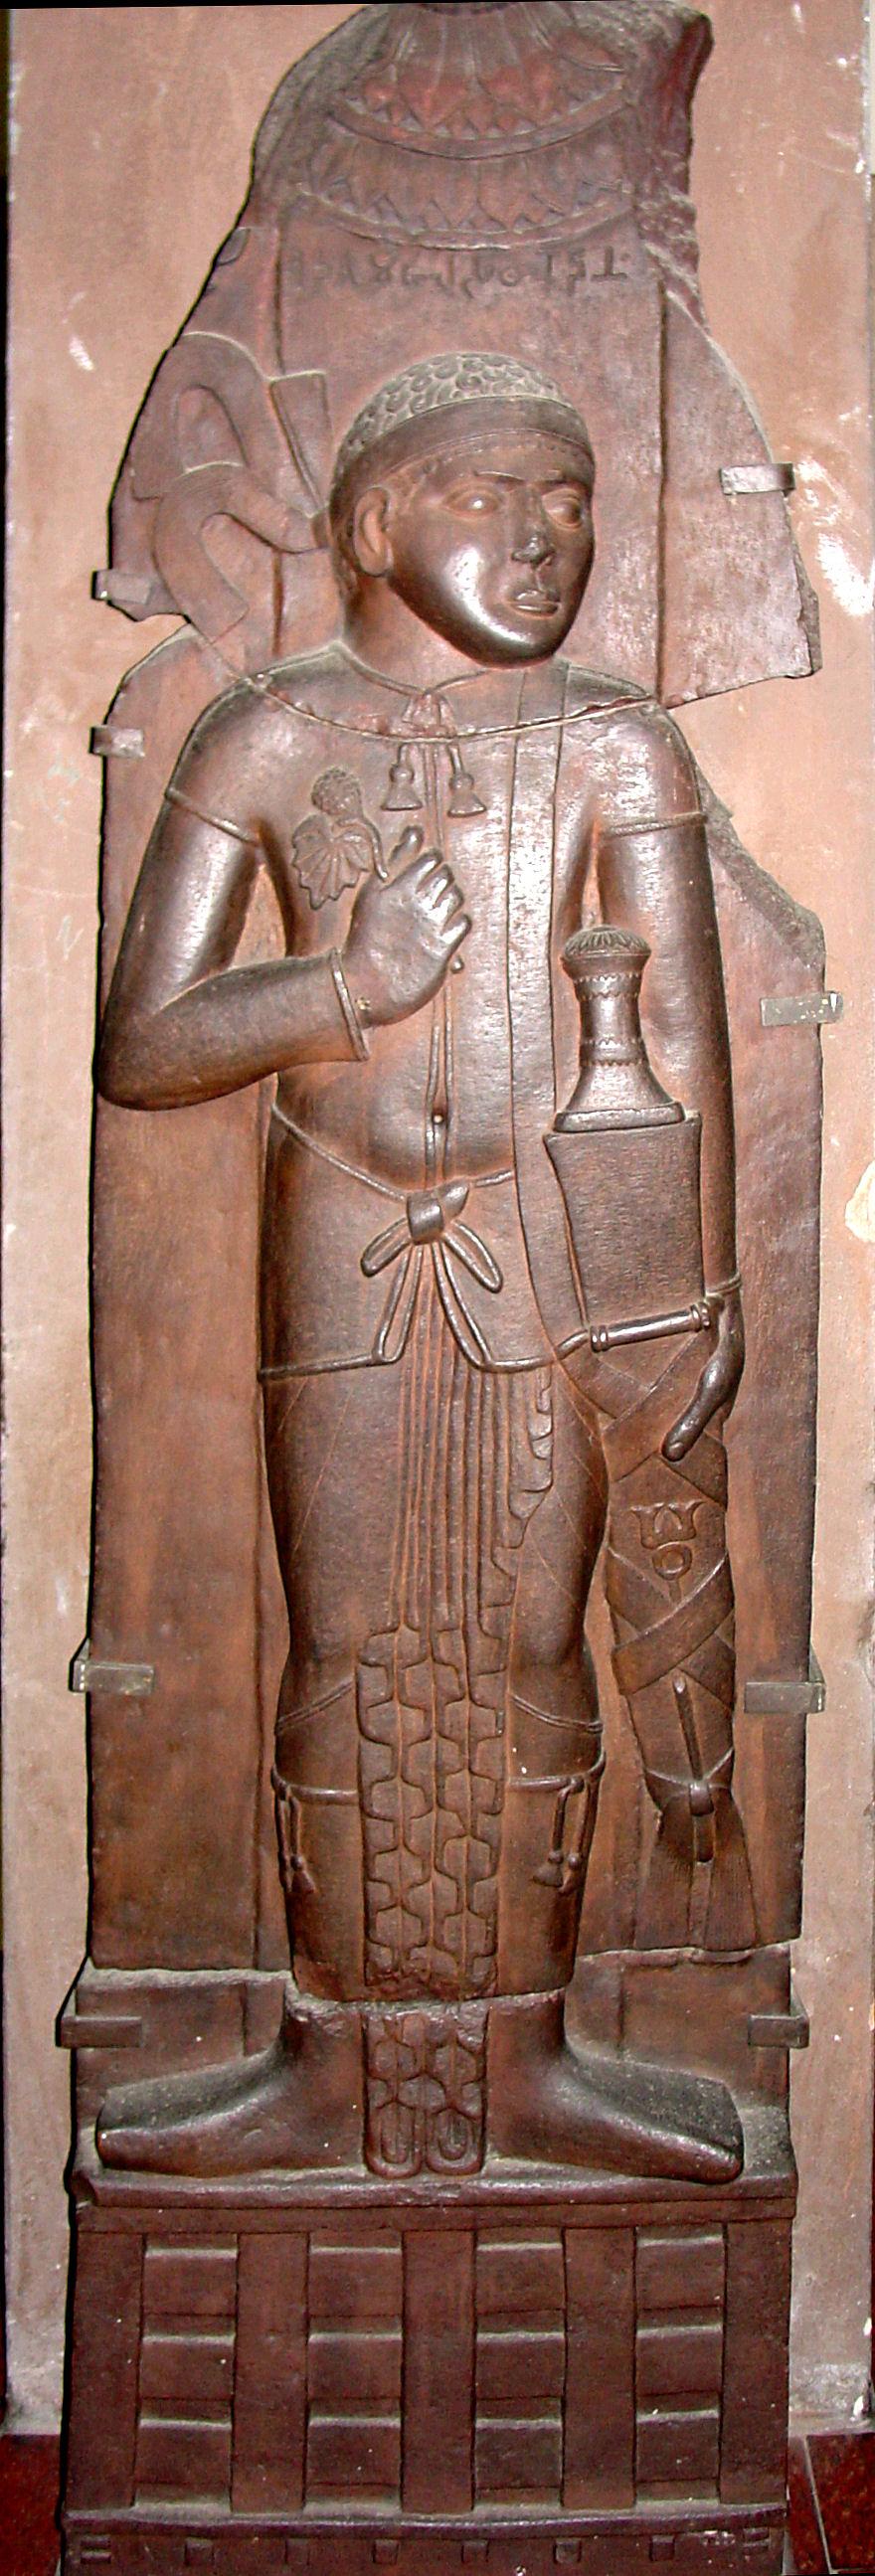 https://upload.wikimedia.org/wikipedia/commons/c/ce/Bharhut_Yavana.jpg